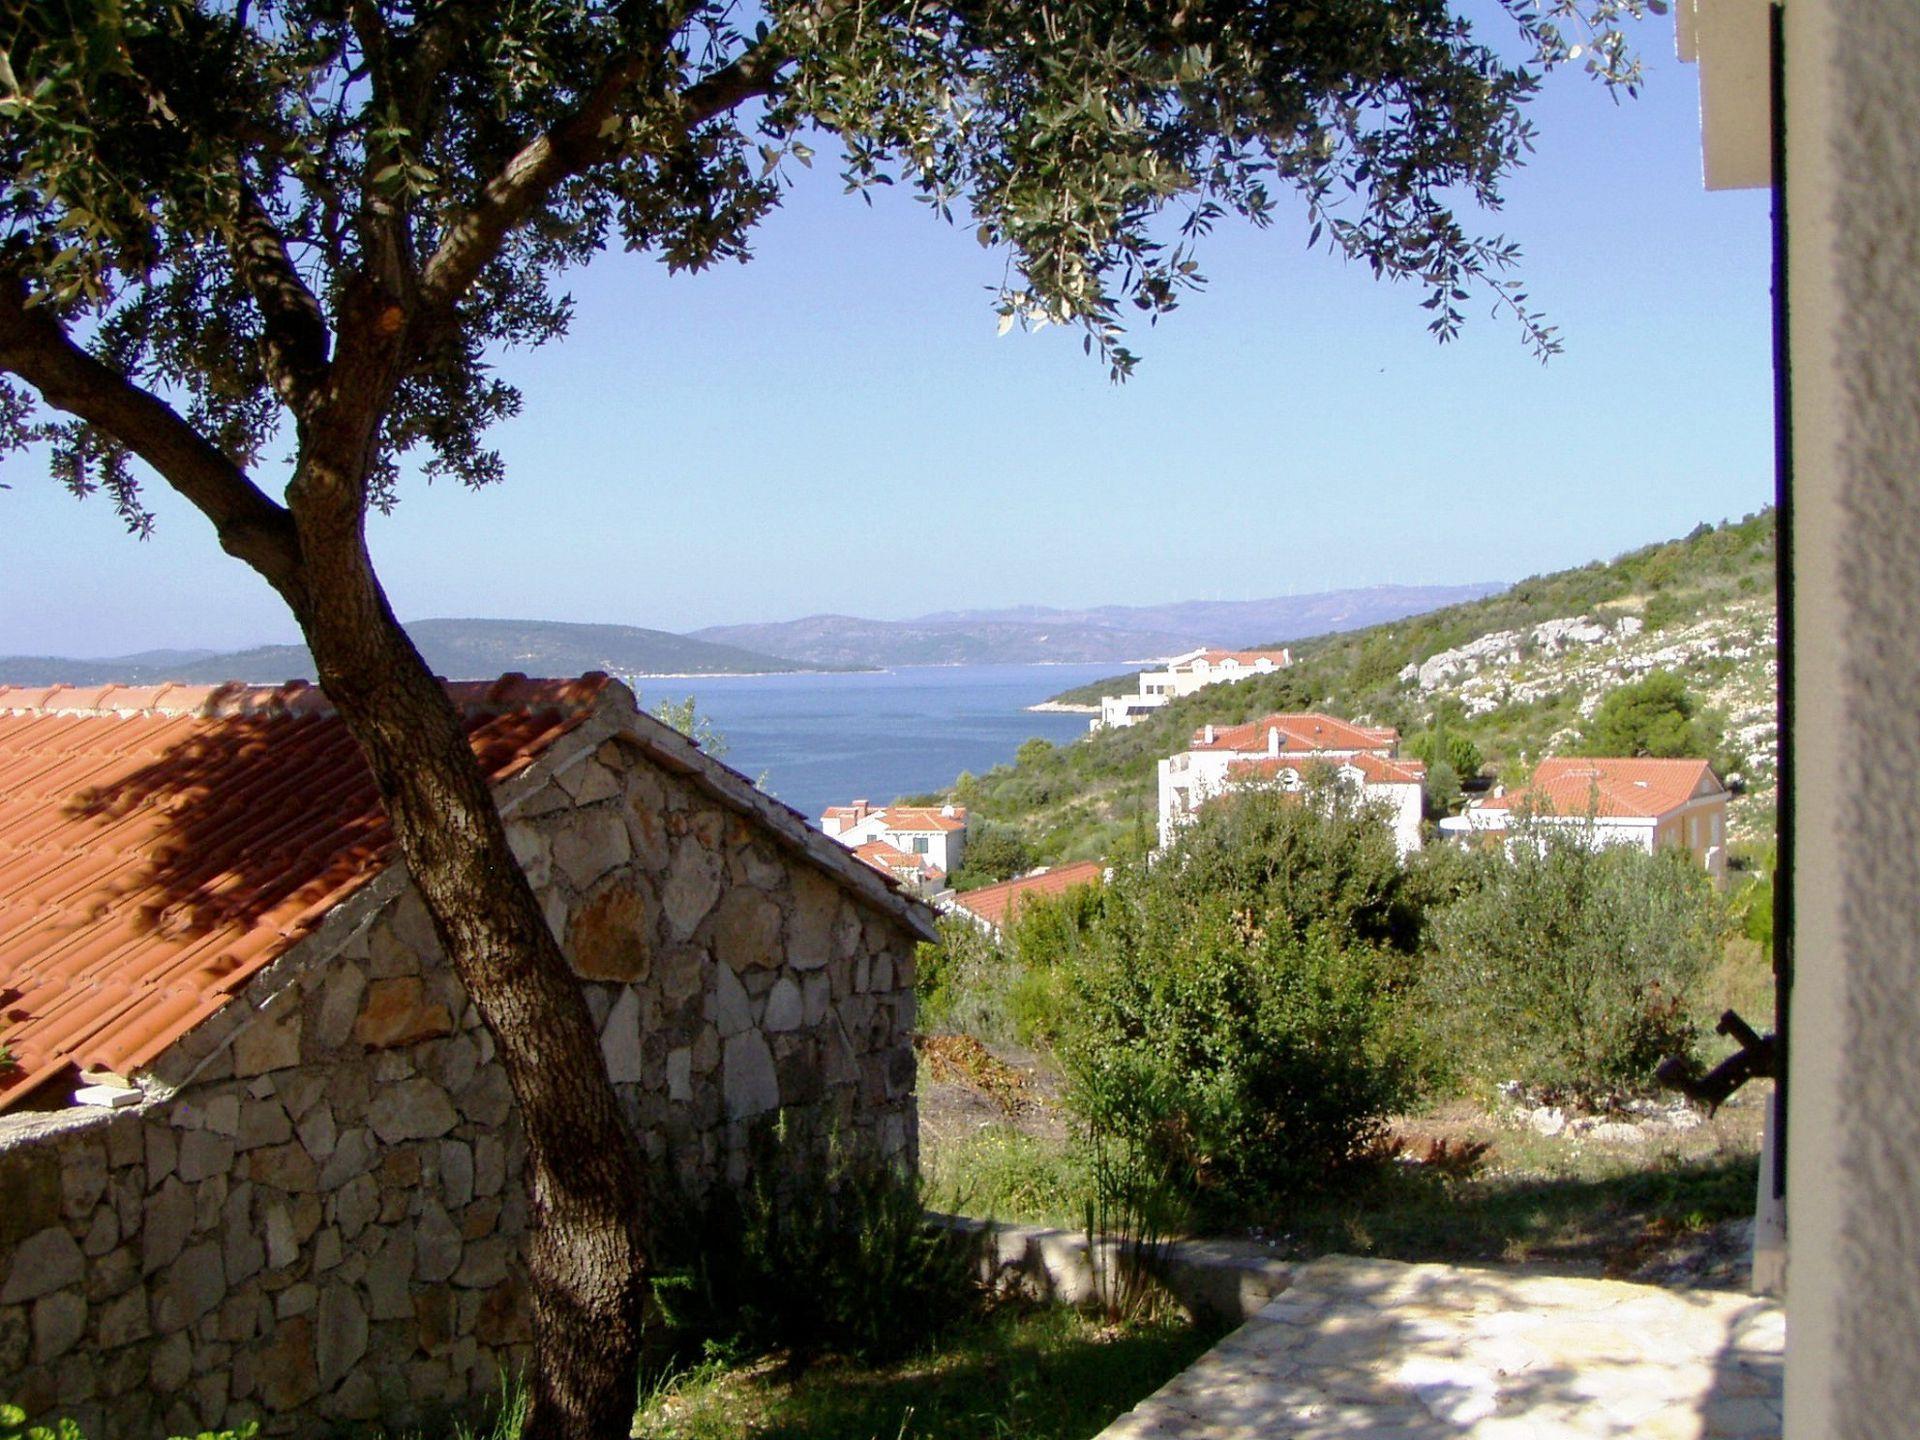 Elizabet - Maslinica - Ferienwohnungen Kroatien - Aussicht (Objekt und Umgebung)